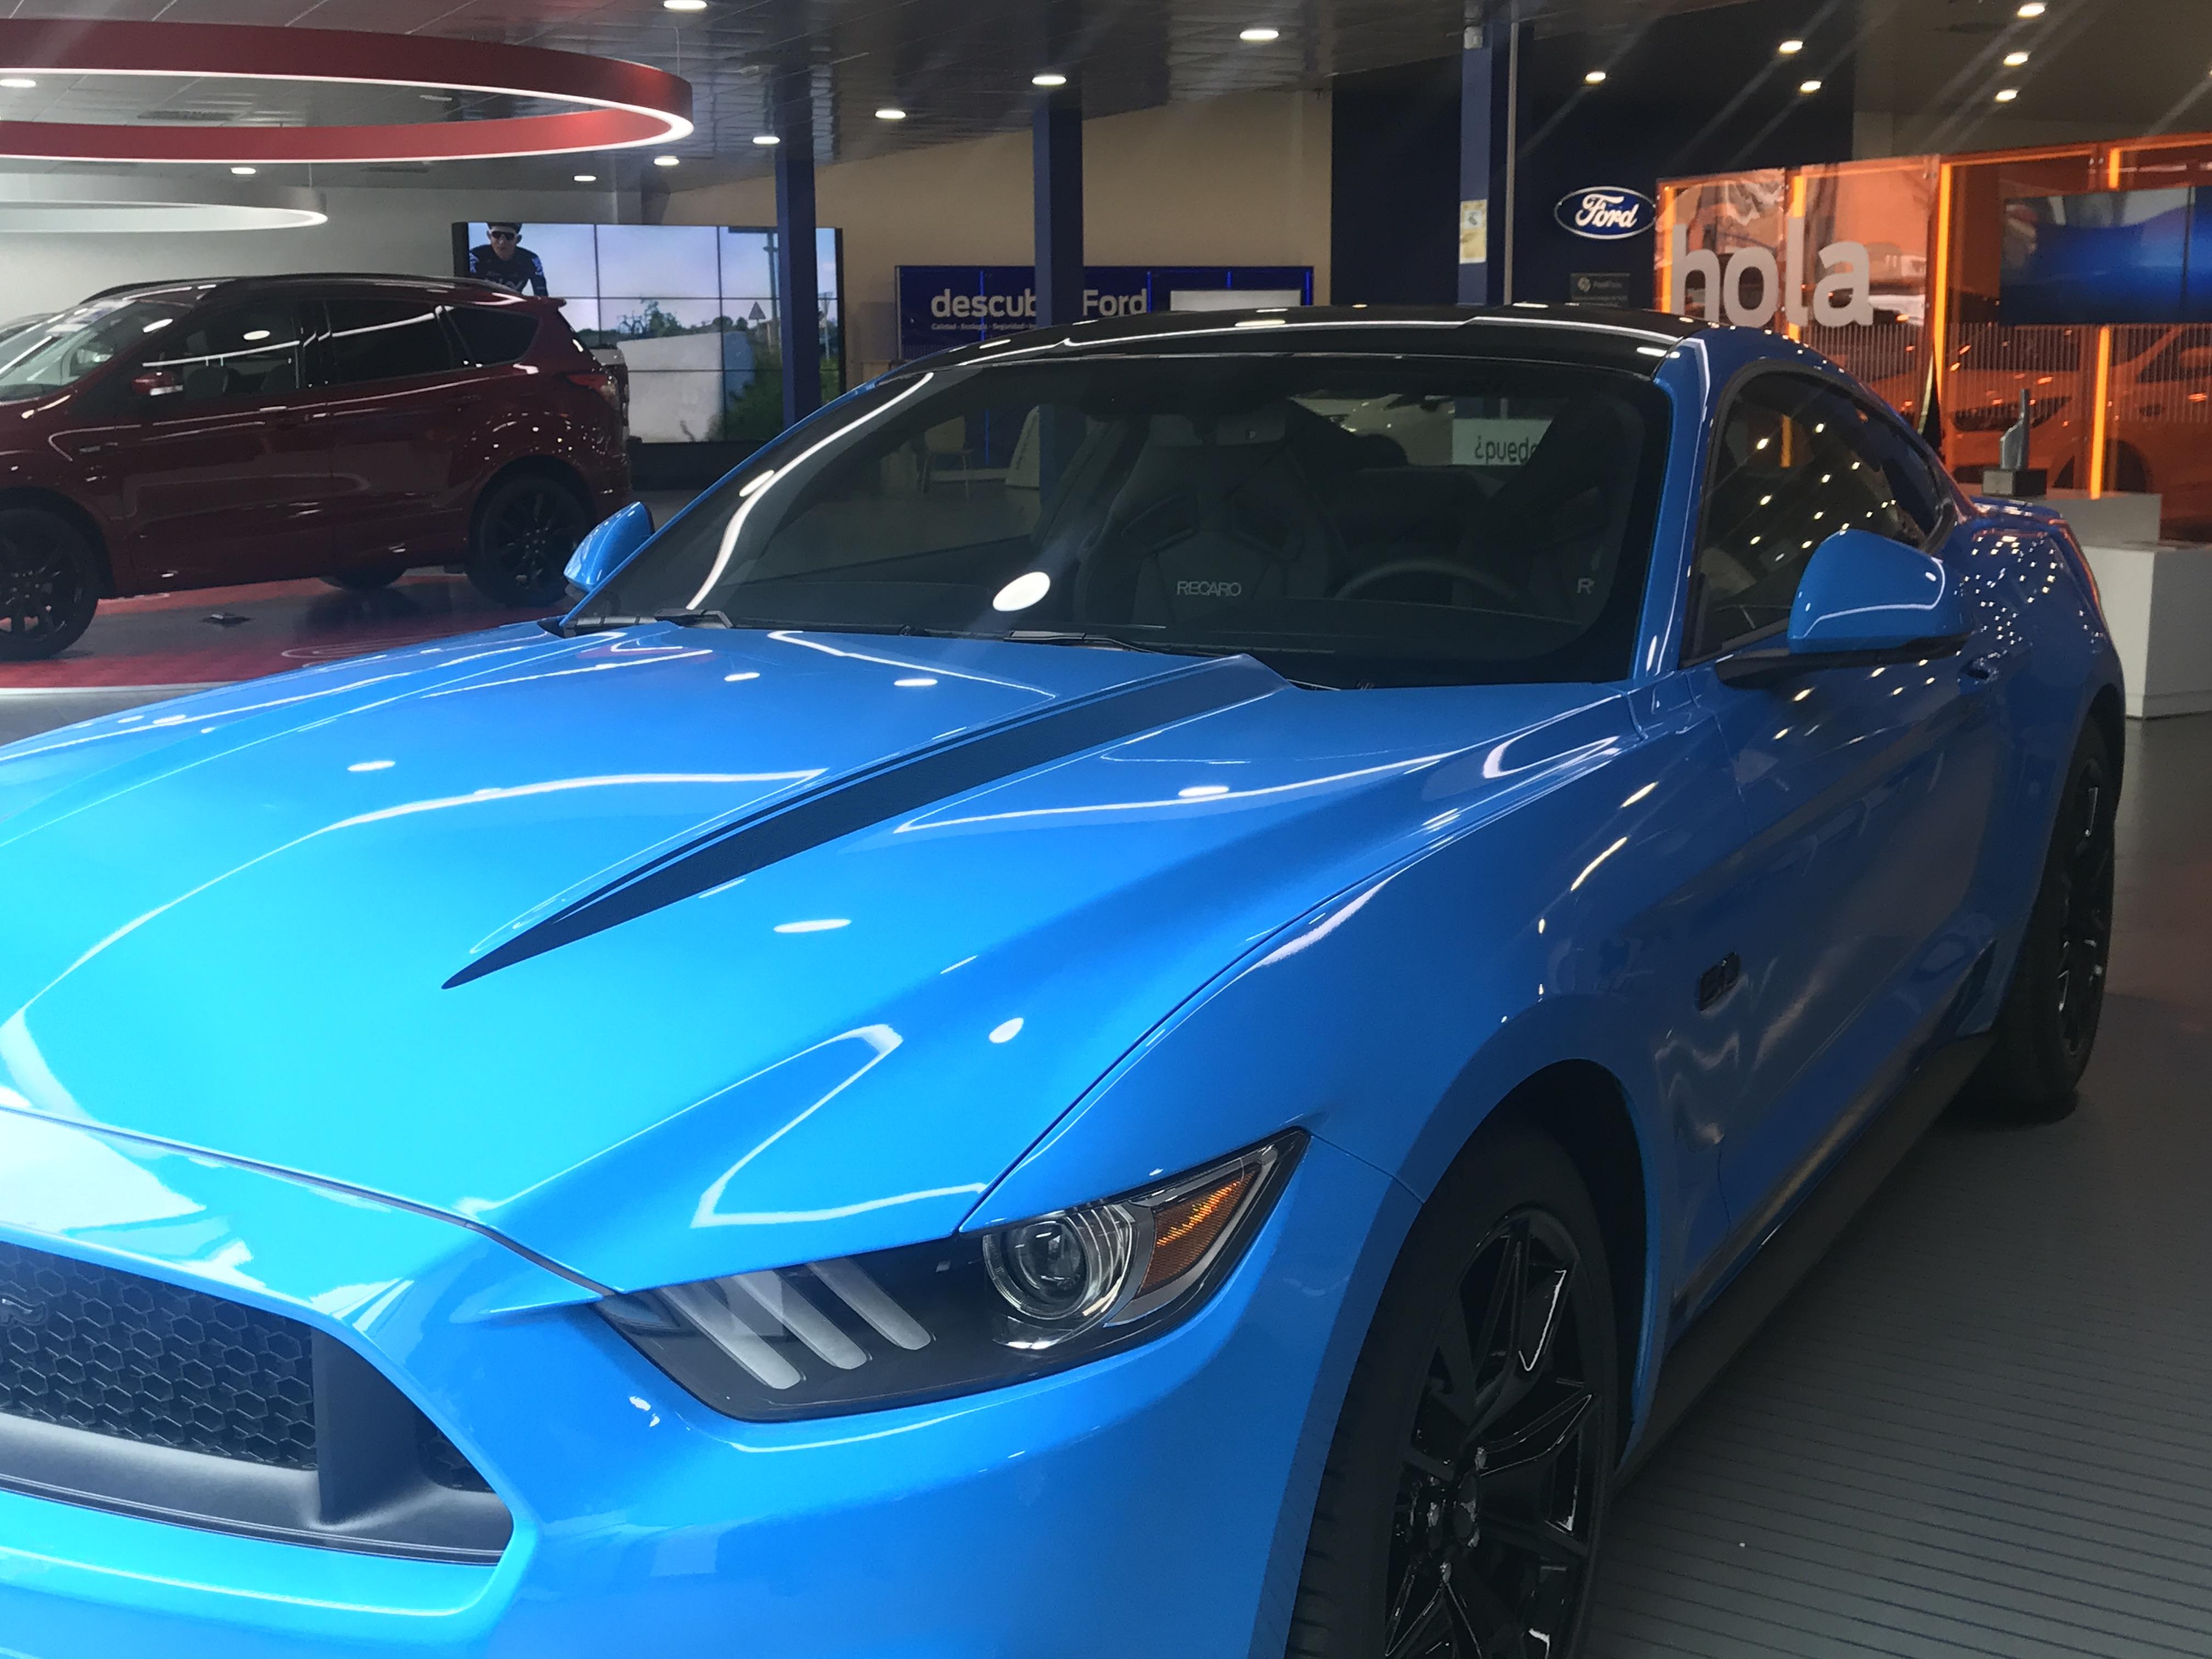 Juan Peña Clavijo: 'Ford Europa anuncia el lanzamiento de 21 coches de aquí a 2021. Tendremos nuestro propio modelo Mustang híbrido'